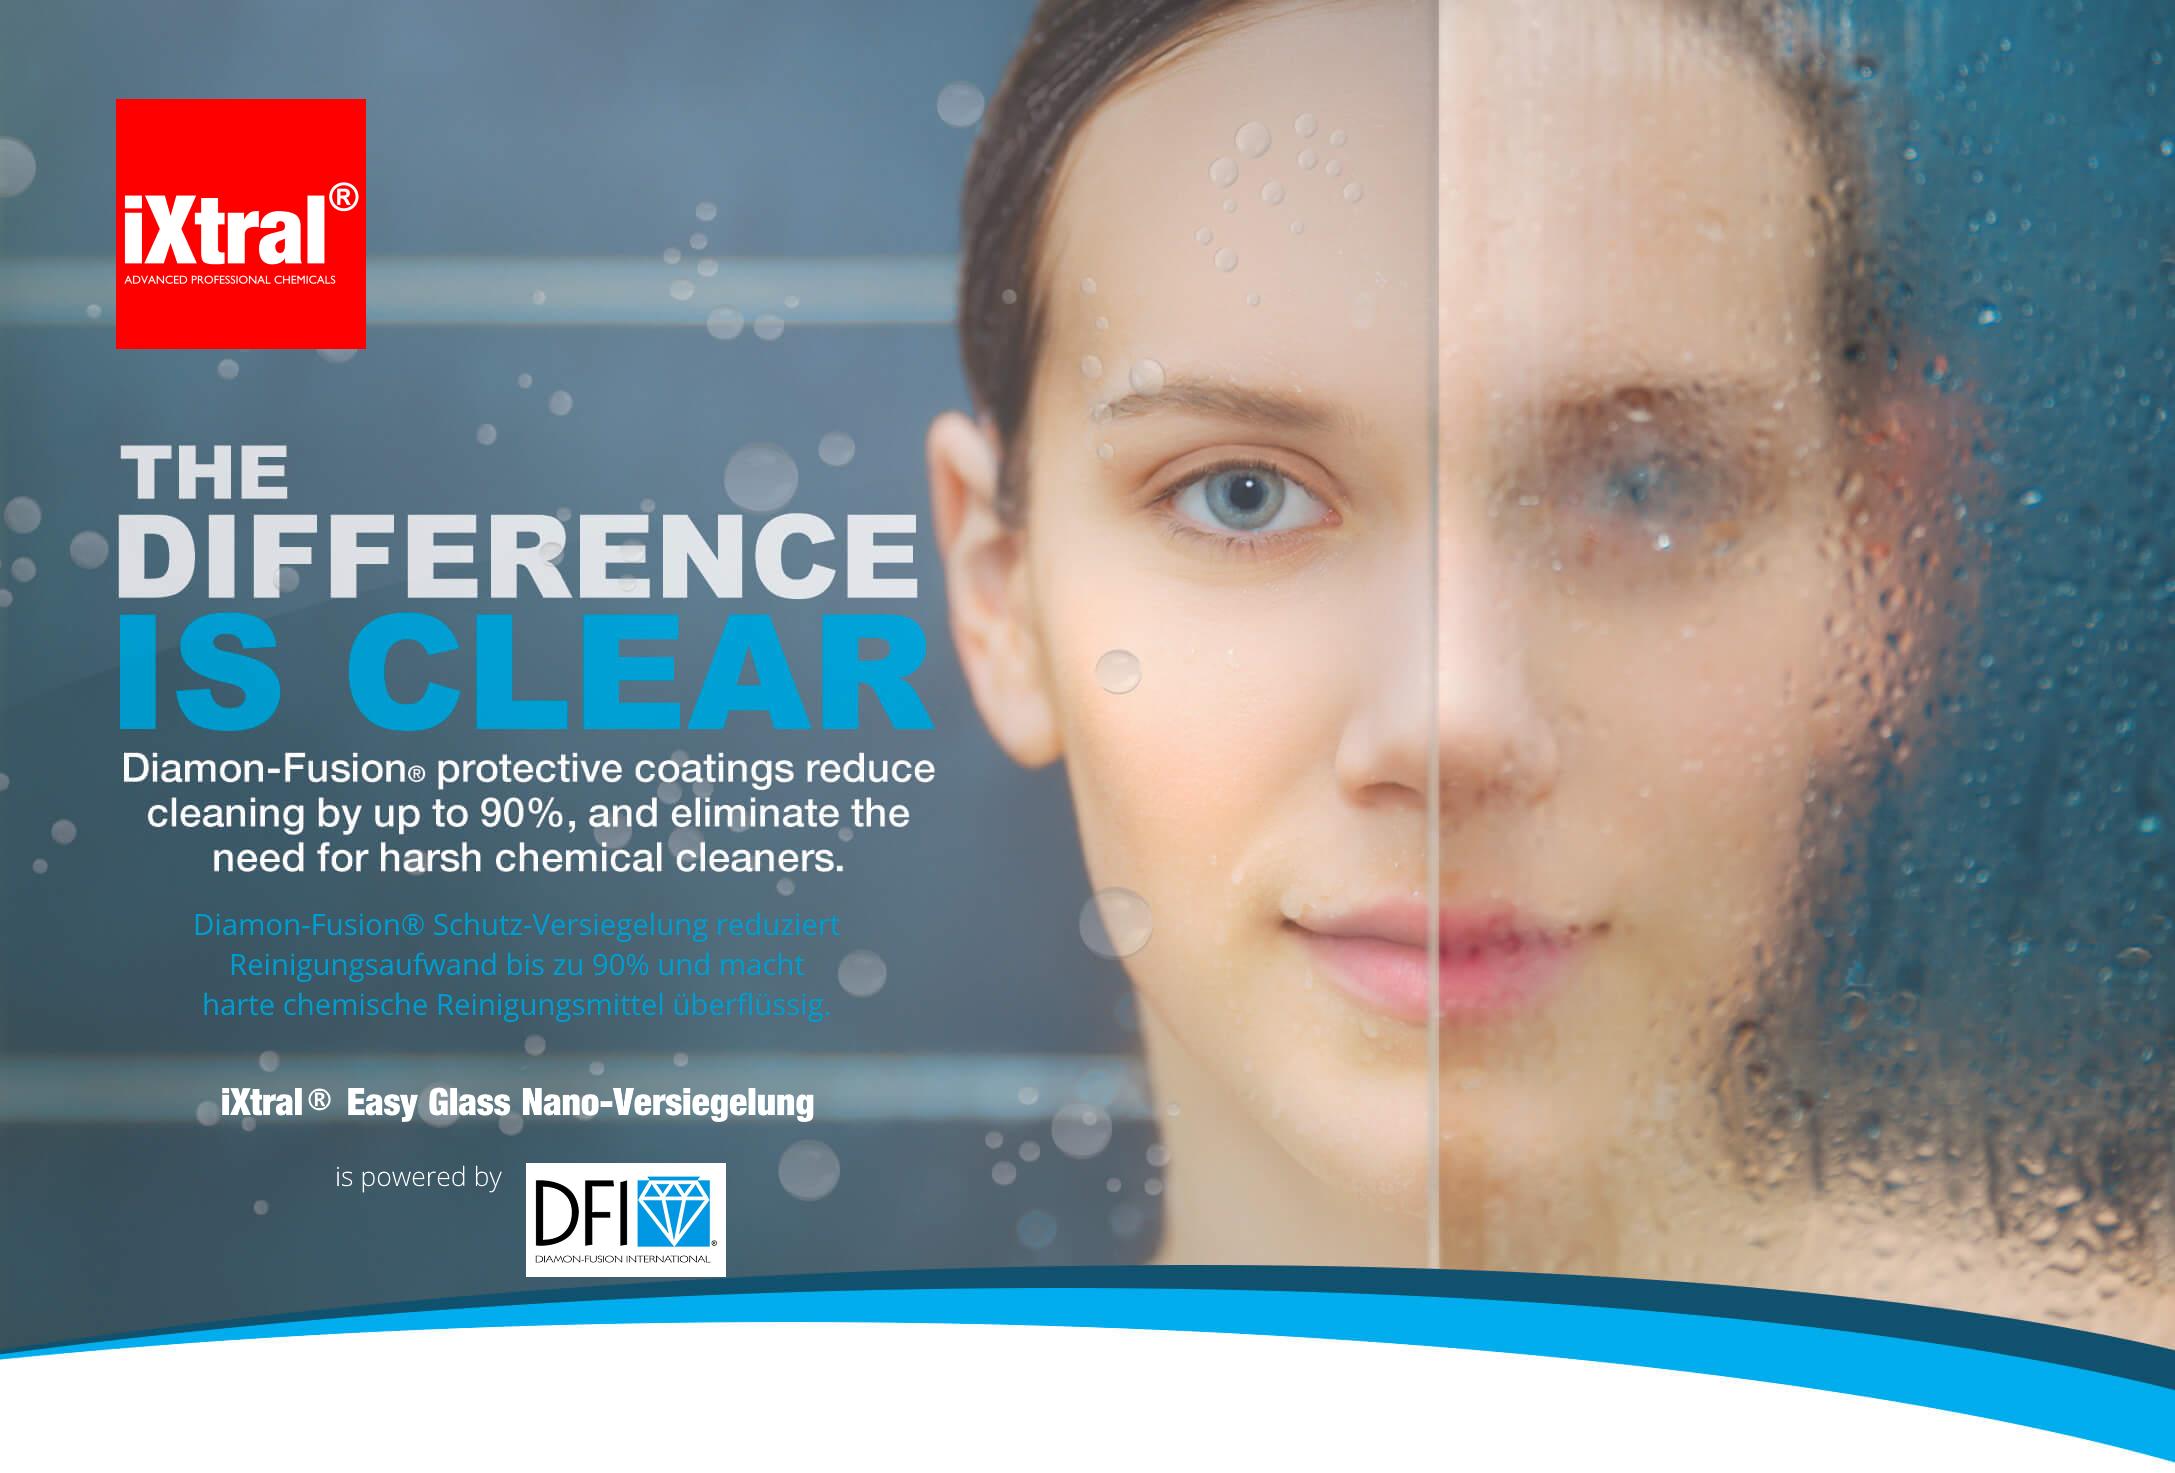 iXtral Easy Glass Nano-Versiegelung reduziert den Reinigungsaufwand bis zu 90% und macht harte chemische Reinigungsmitel überflüssig